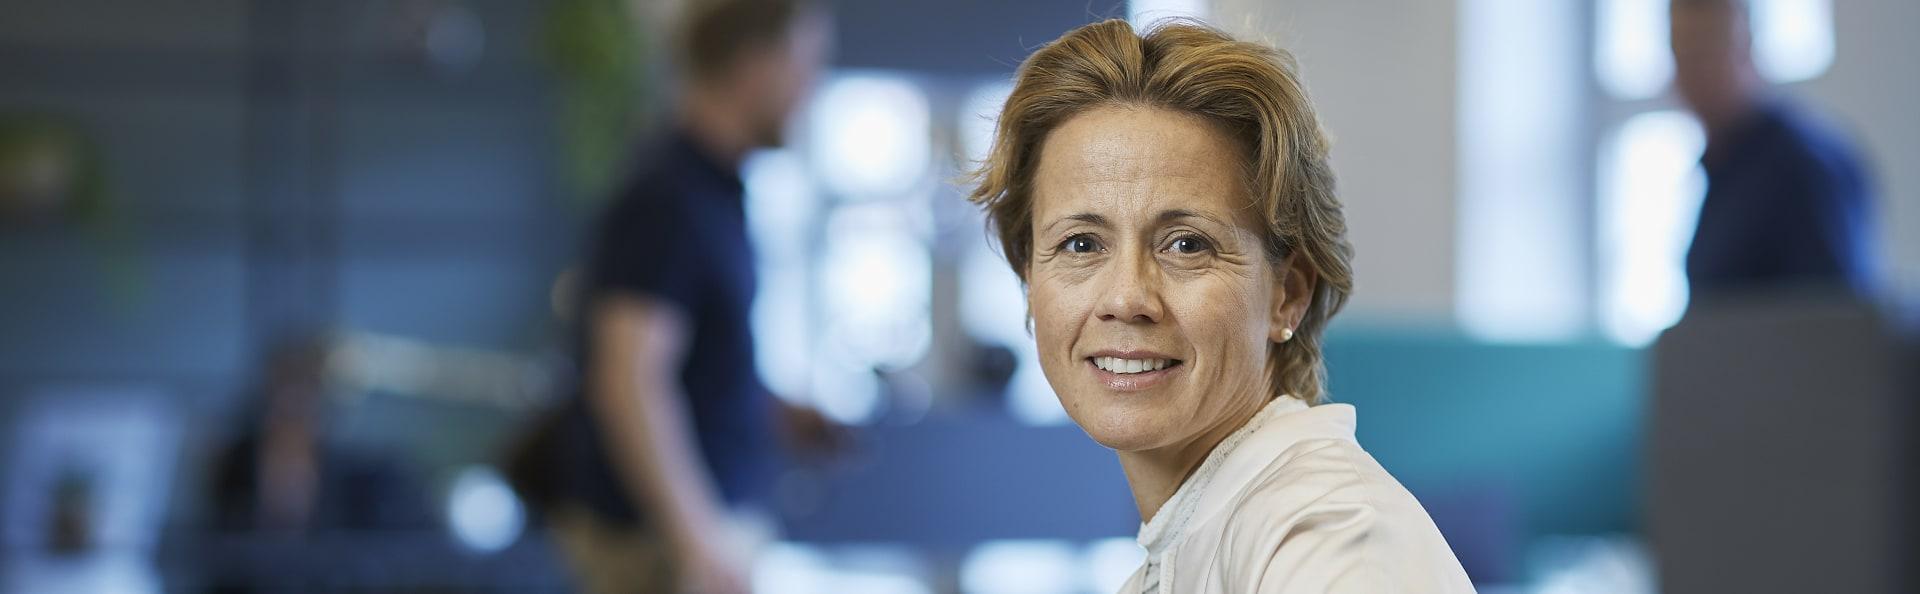 Lise Klevan Dybwad er leder for Workplace Strategy i CBRE Norge